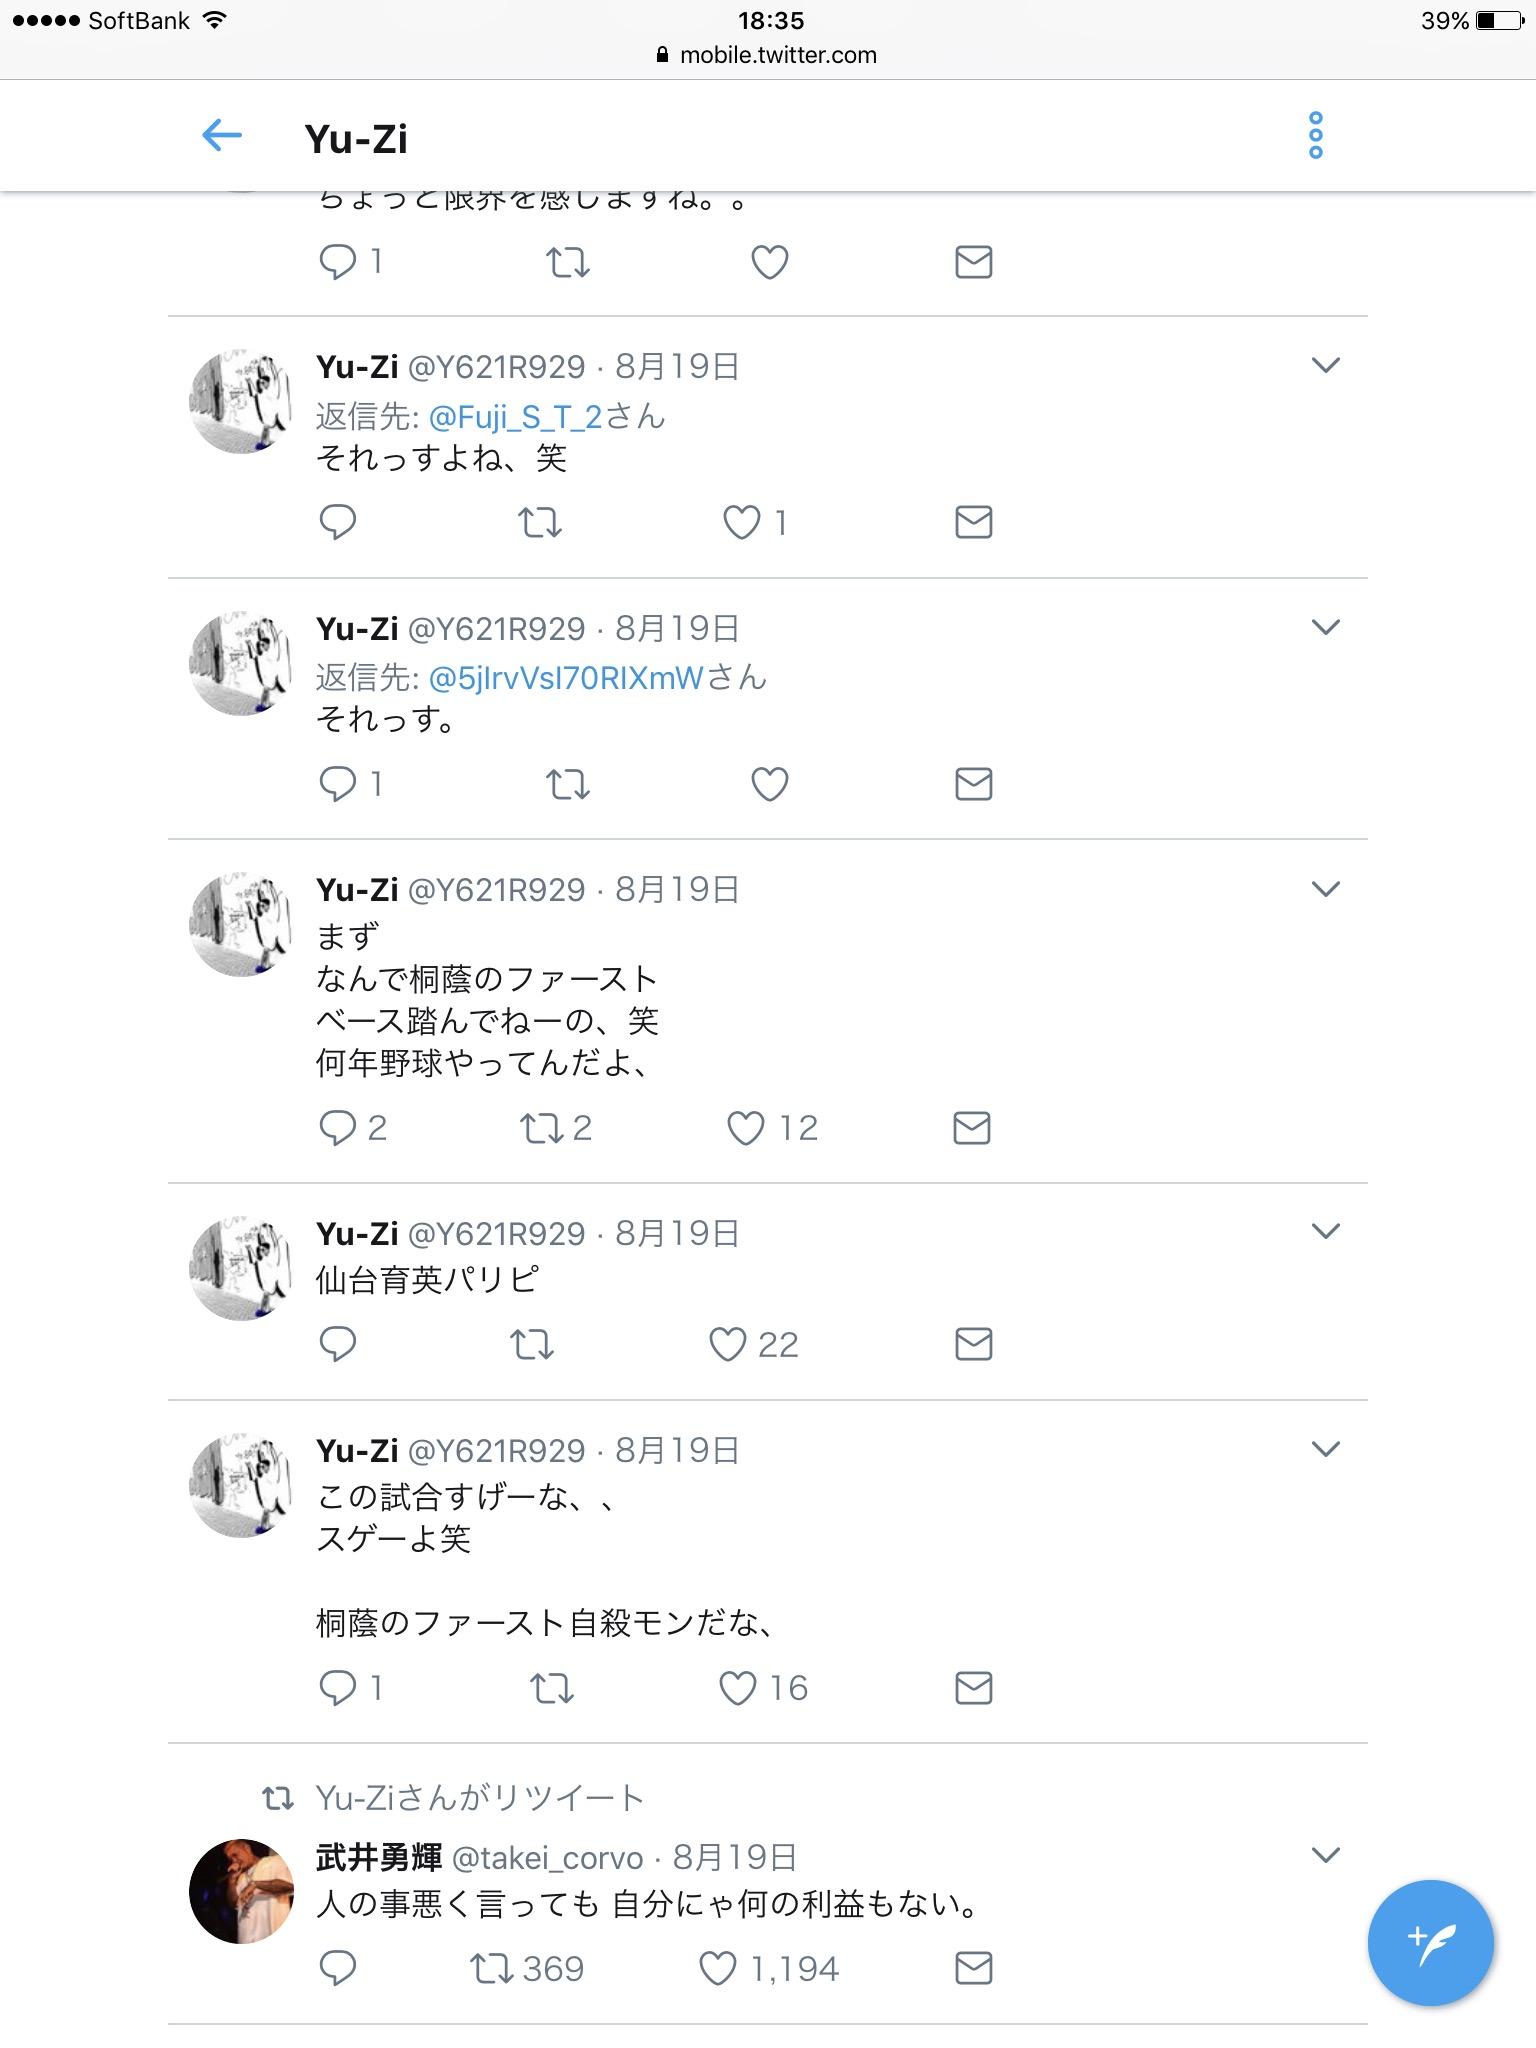 【常習】仙台育英、大阪桐蔭戦だけでなく日本文理戦でも蹴っていたwwwwwwwwwwwwwwwのサムネイル画像